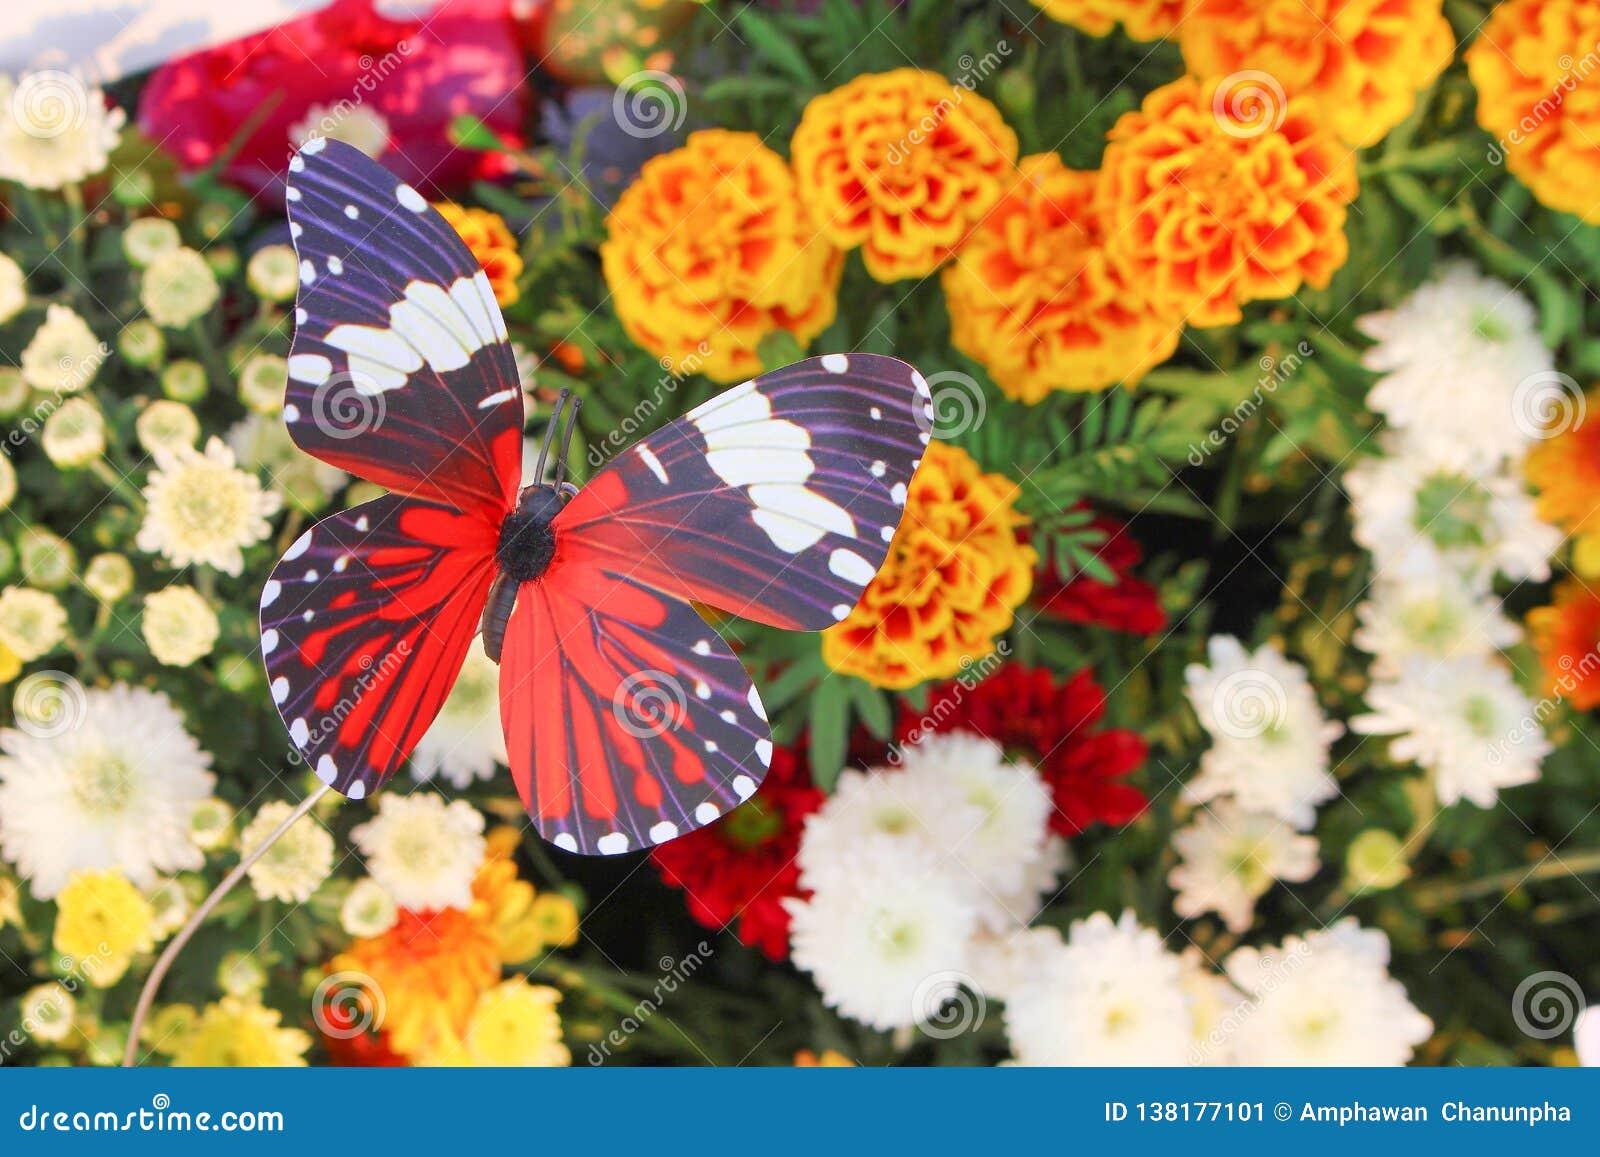 Färgrikt dekorativt konstgjort rött för bästa sikt med vita och svarta randiga fjärilsmodeller i trädgårdblommor som är naturliga